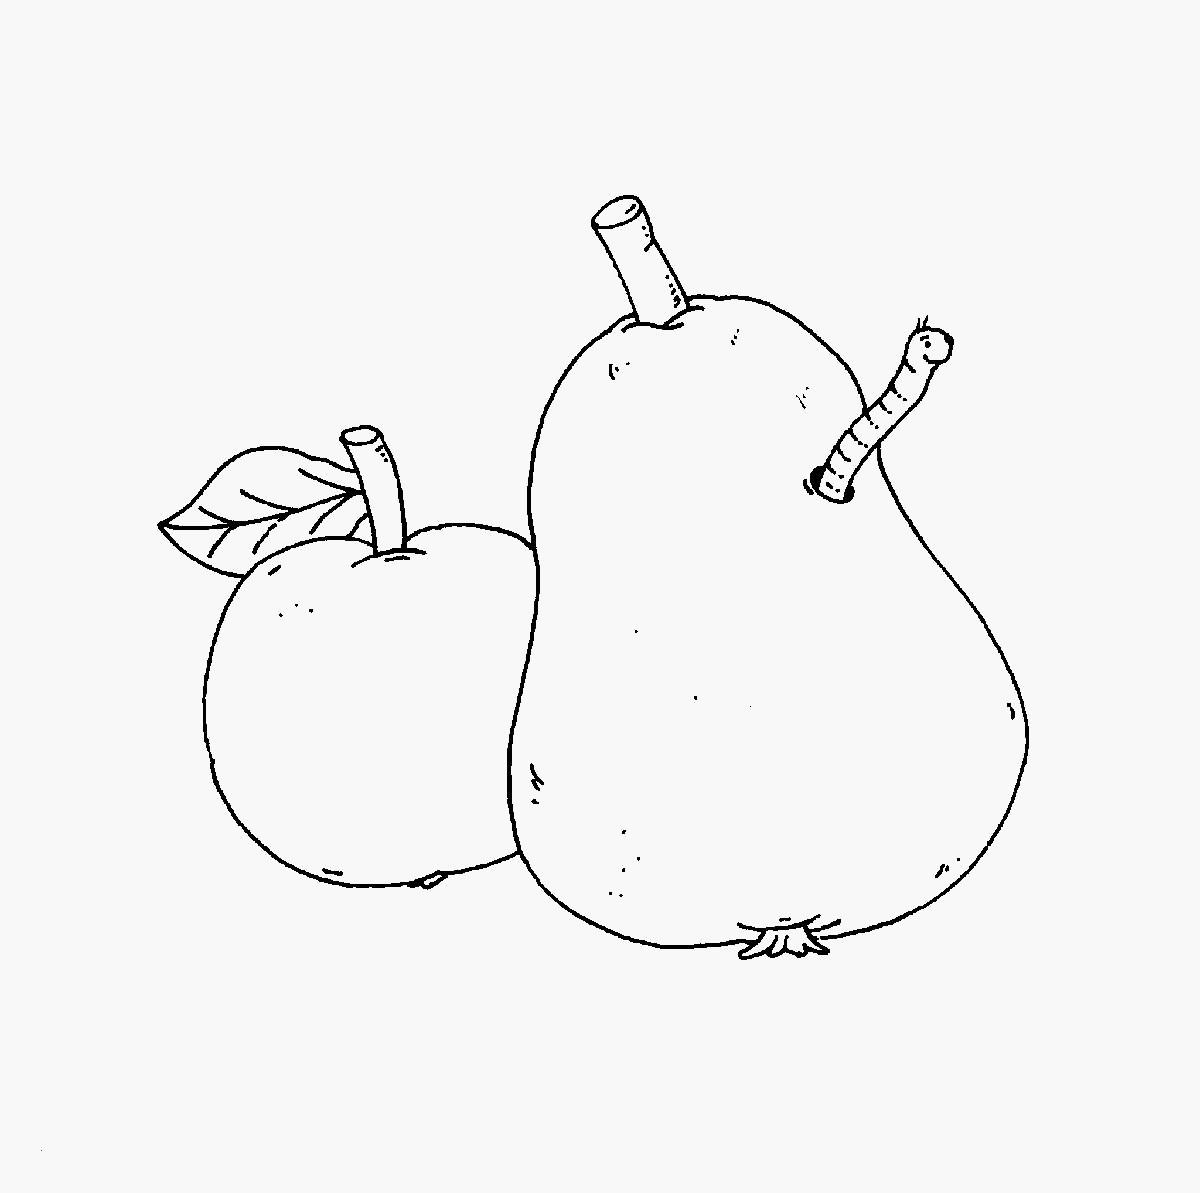 Apfel Zum Ausmalen Genial 41 Einfach Apfel Zum Ausmalen Beschreibung Stock